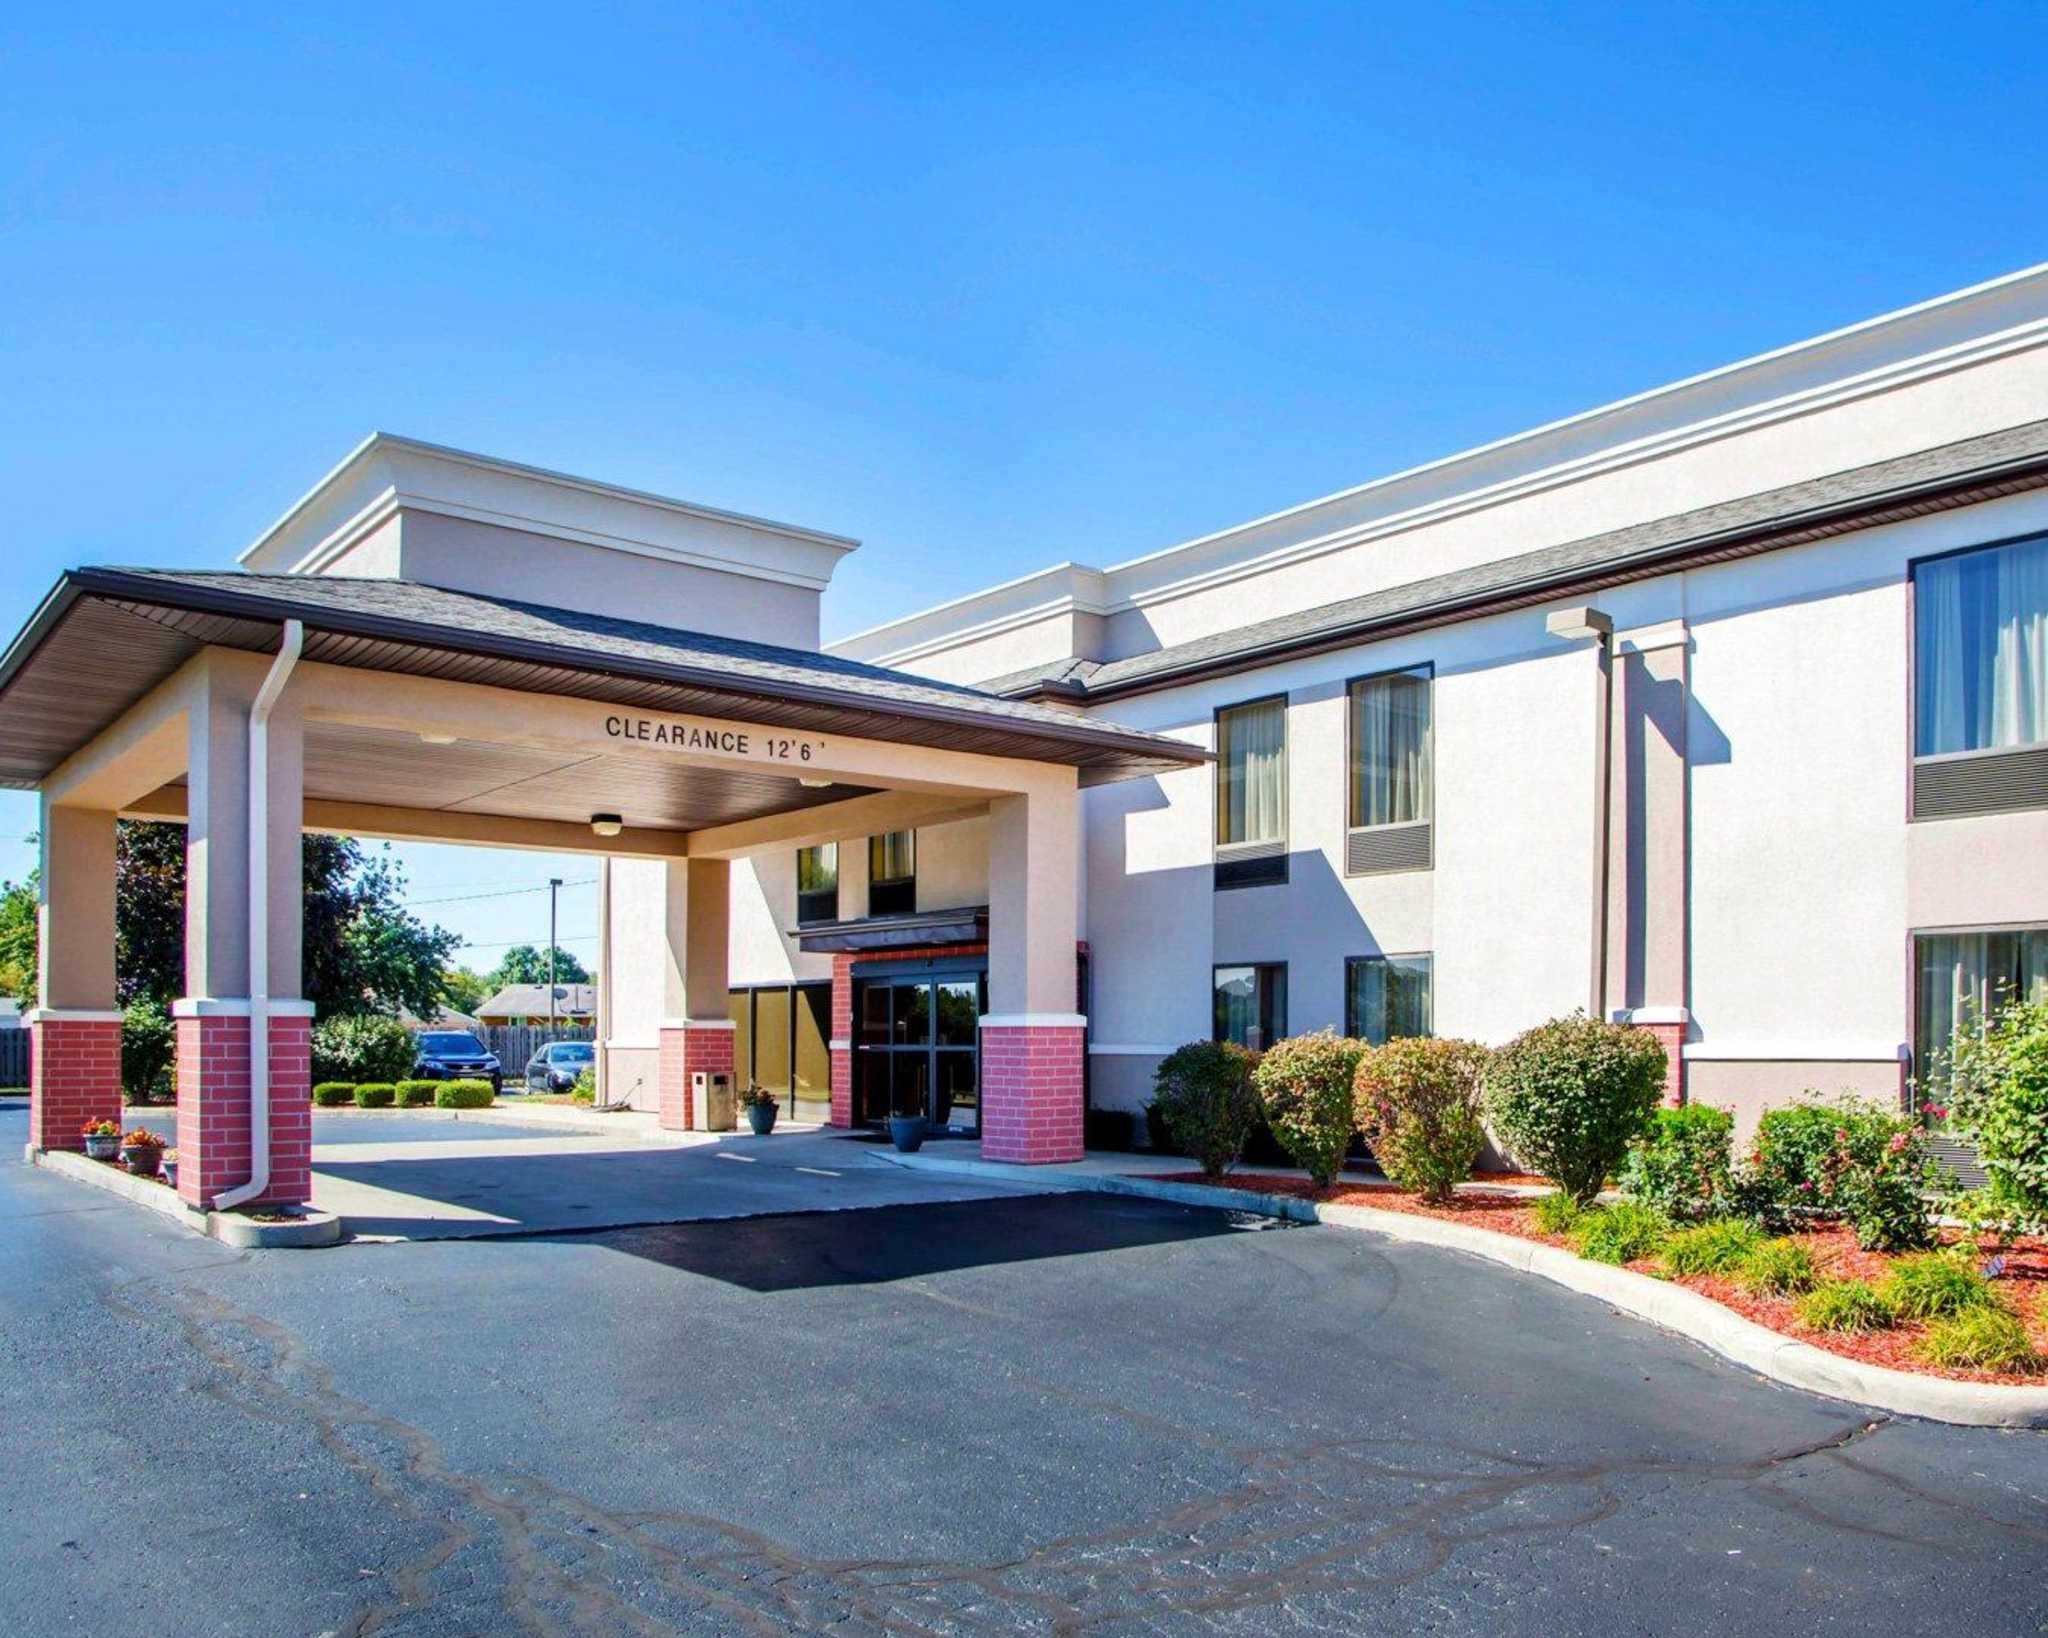 comfort inn dayton huber heights in dayton oh hotels. Black Bedroom Furniture Sets. Home Design Ideas